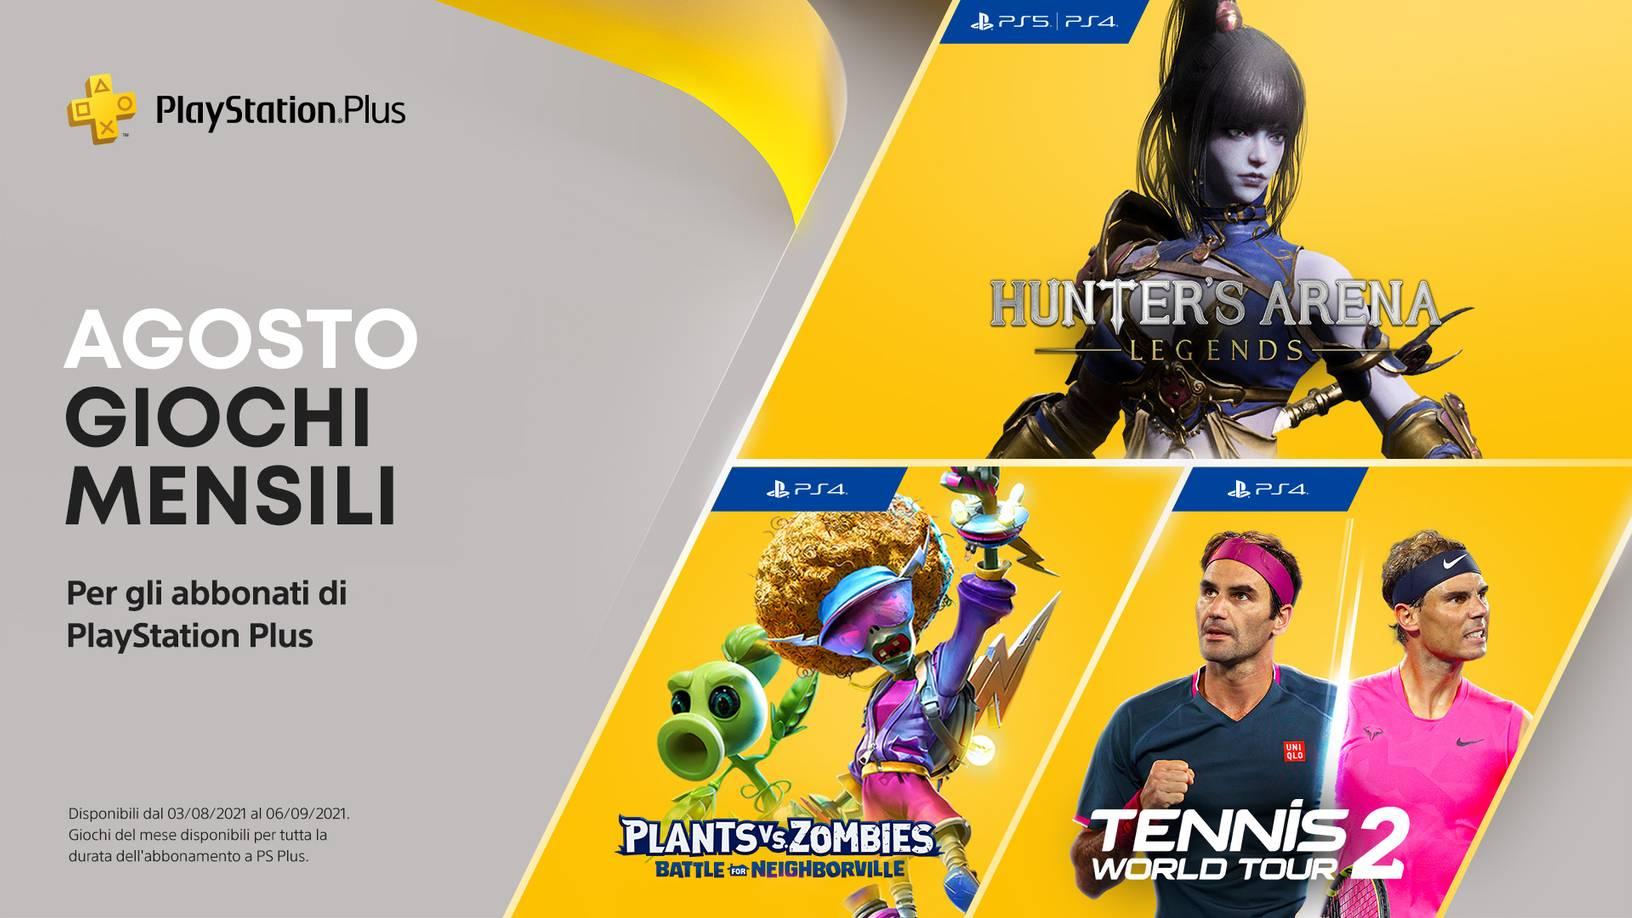 Giochi PlayStation Plus Agosto 2021 : Hunter's Arena: Legends, Plants vs. Zombies: La Battaglia di Neighborville, Tennis World Tour 2